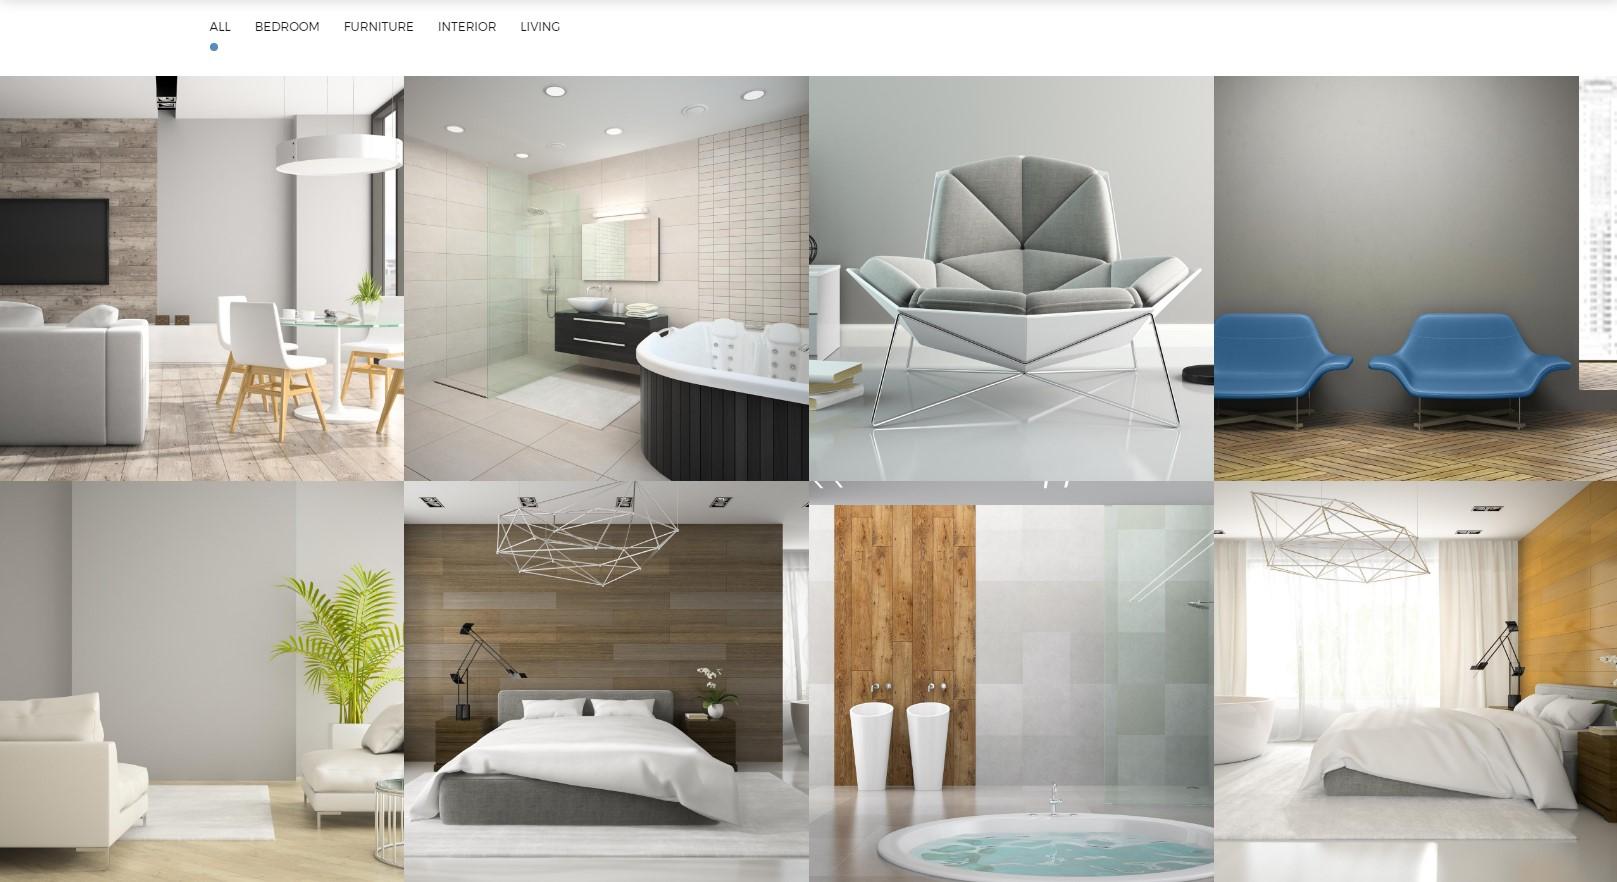 https://documentation.bold-themes.com/addison/wp-content/uploads/sites/18/2017/07/masonry-portfolio-tiles-1.jpg